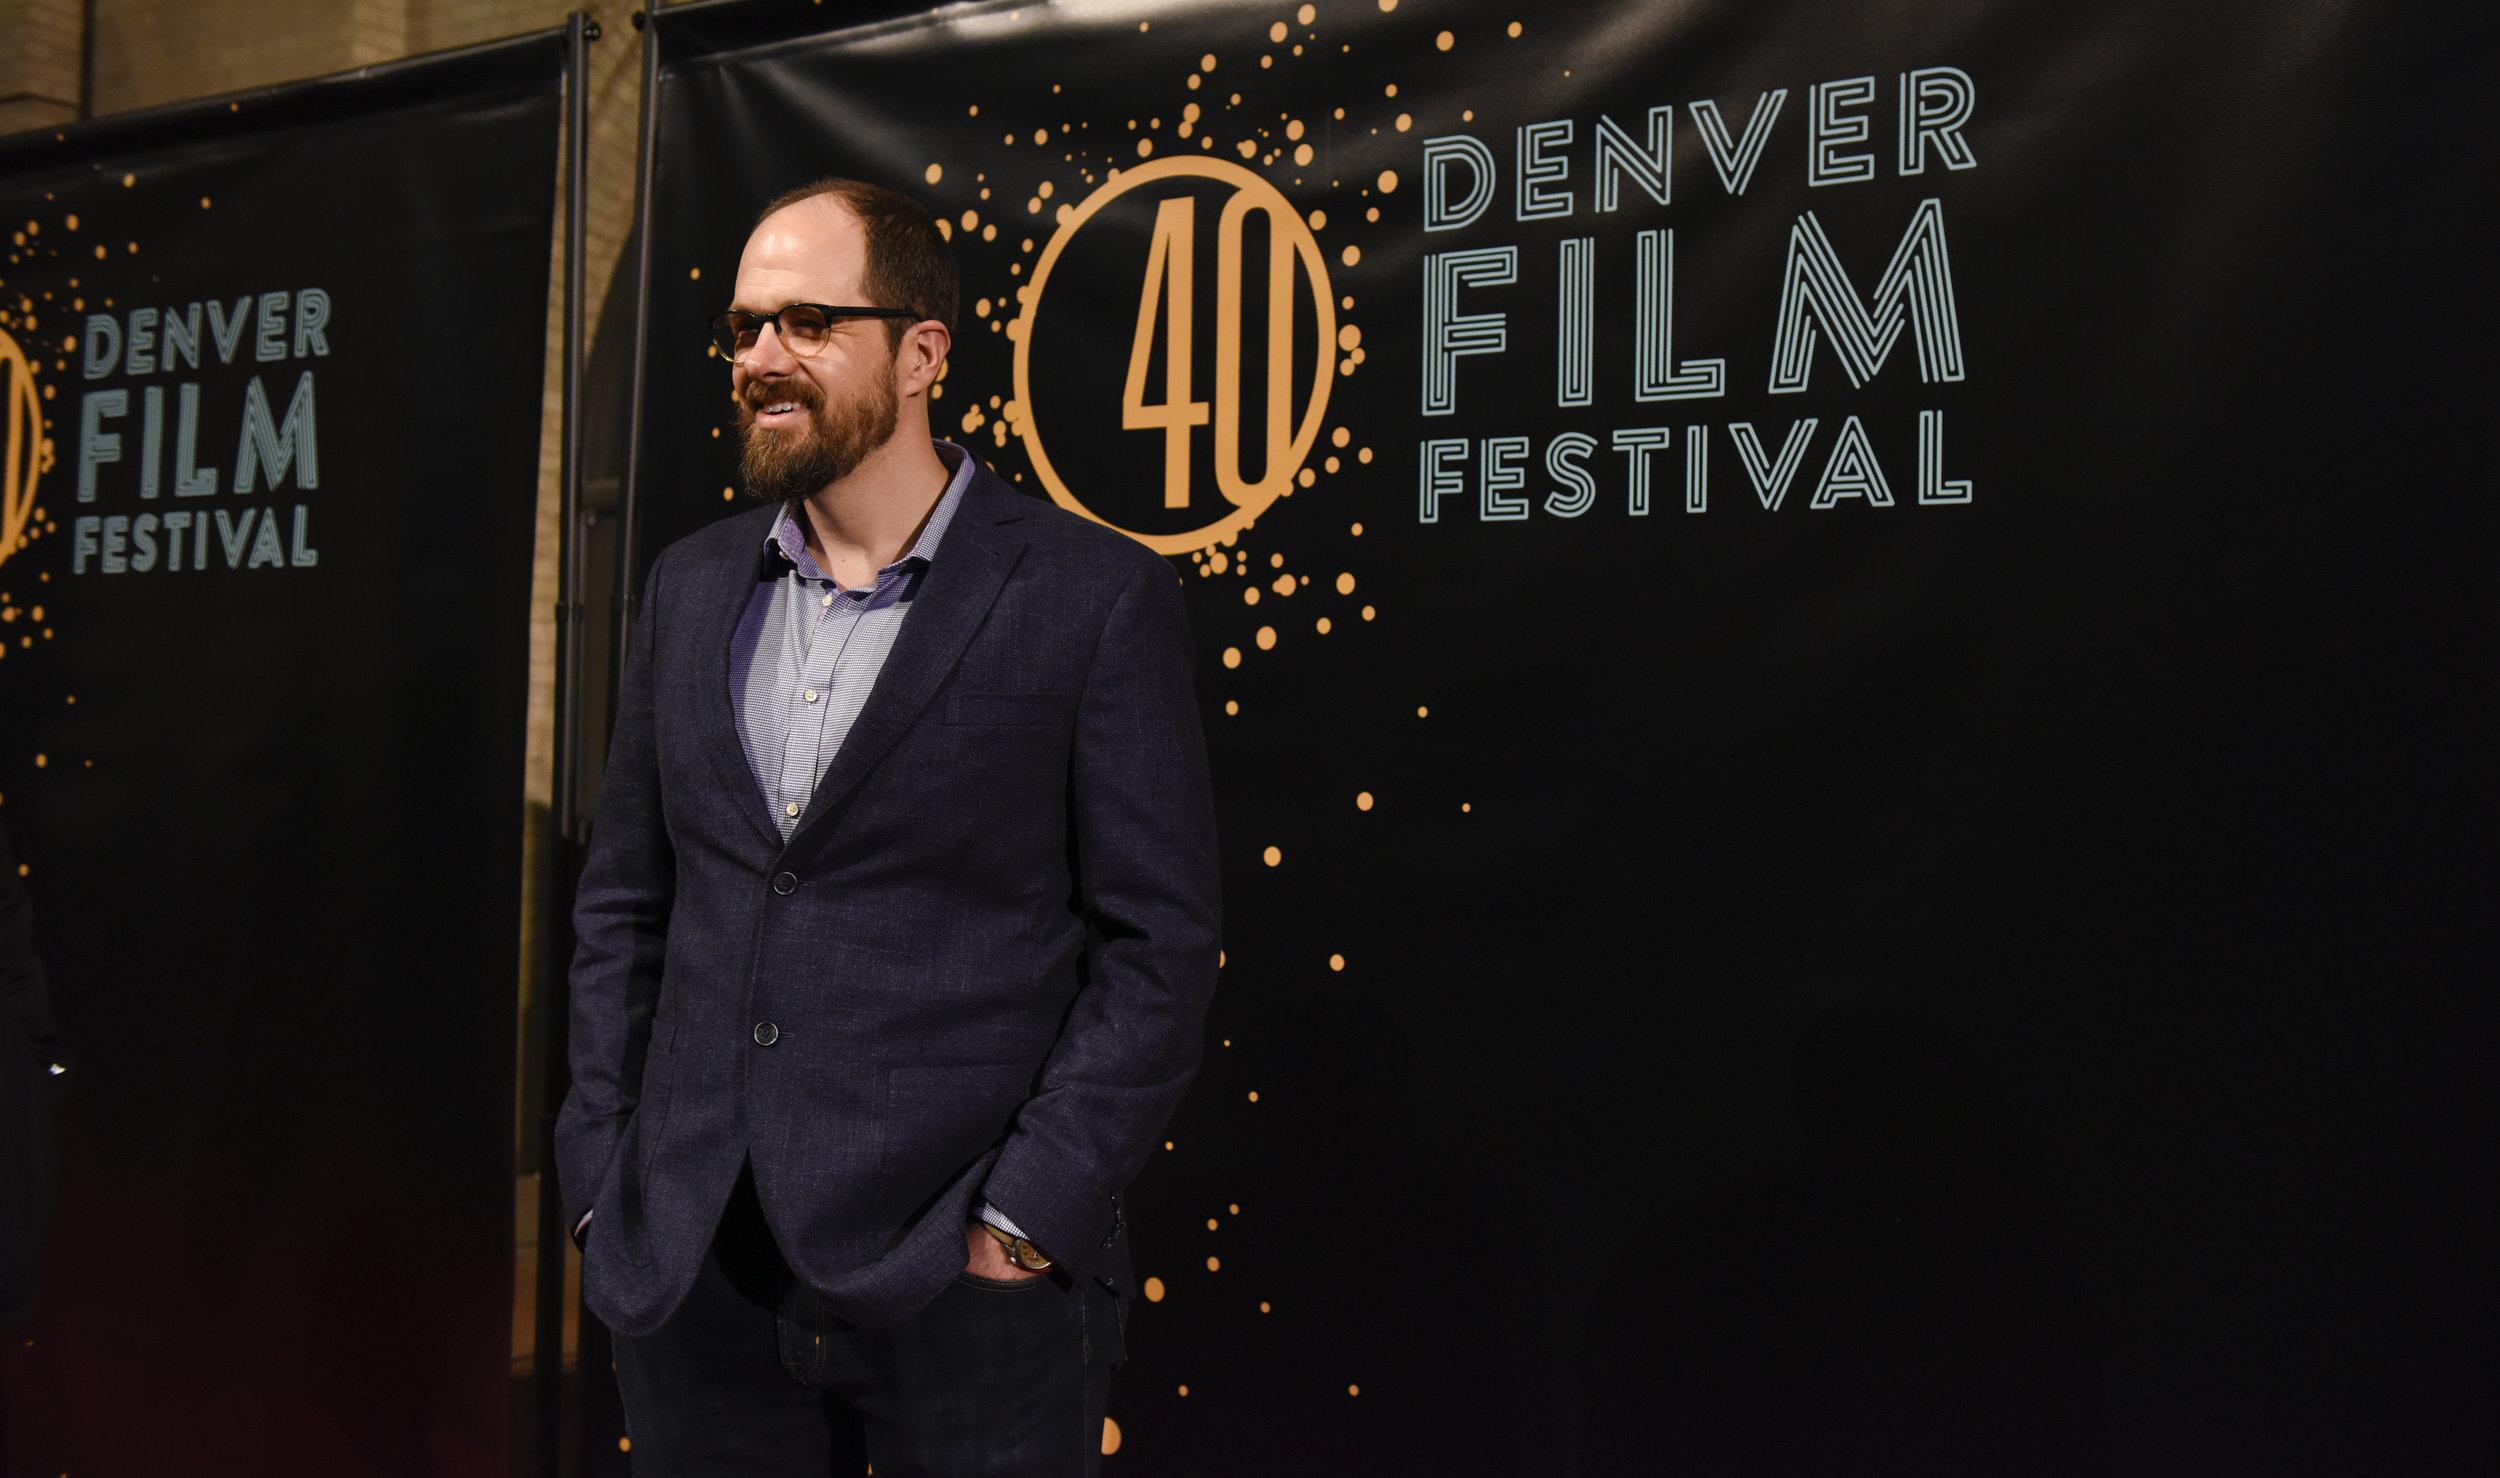 DenverFilmFestRedCarpet___CHM6505.jpg